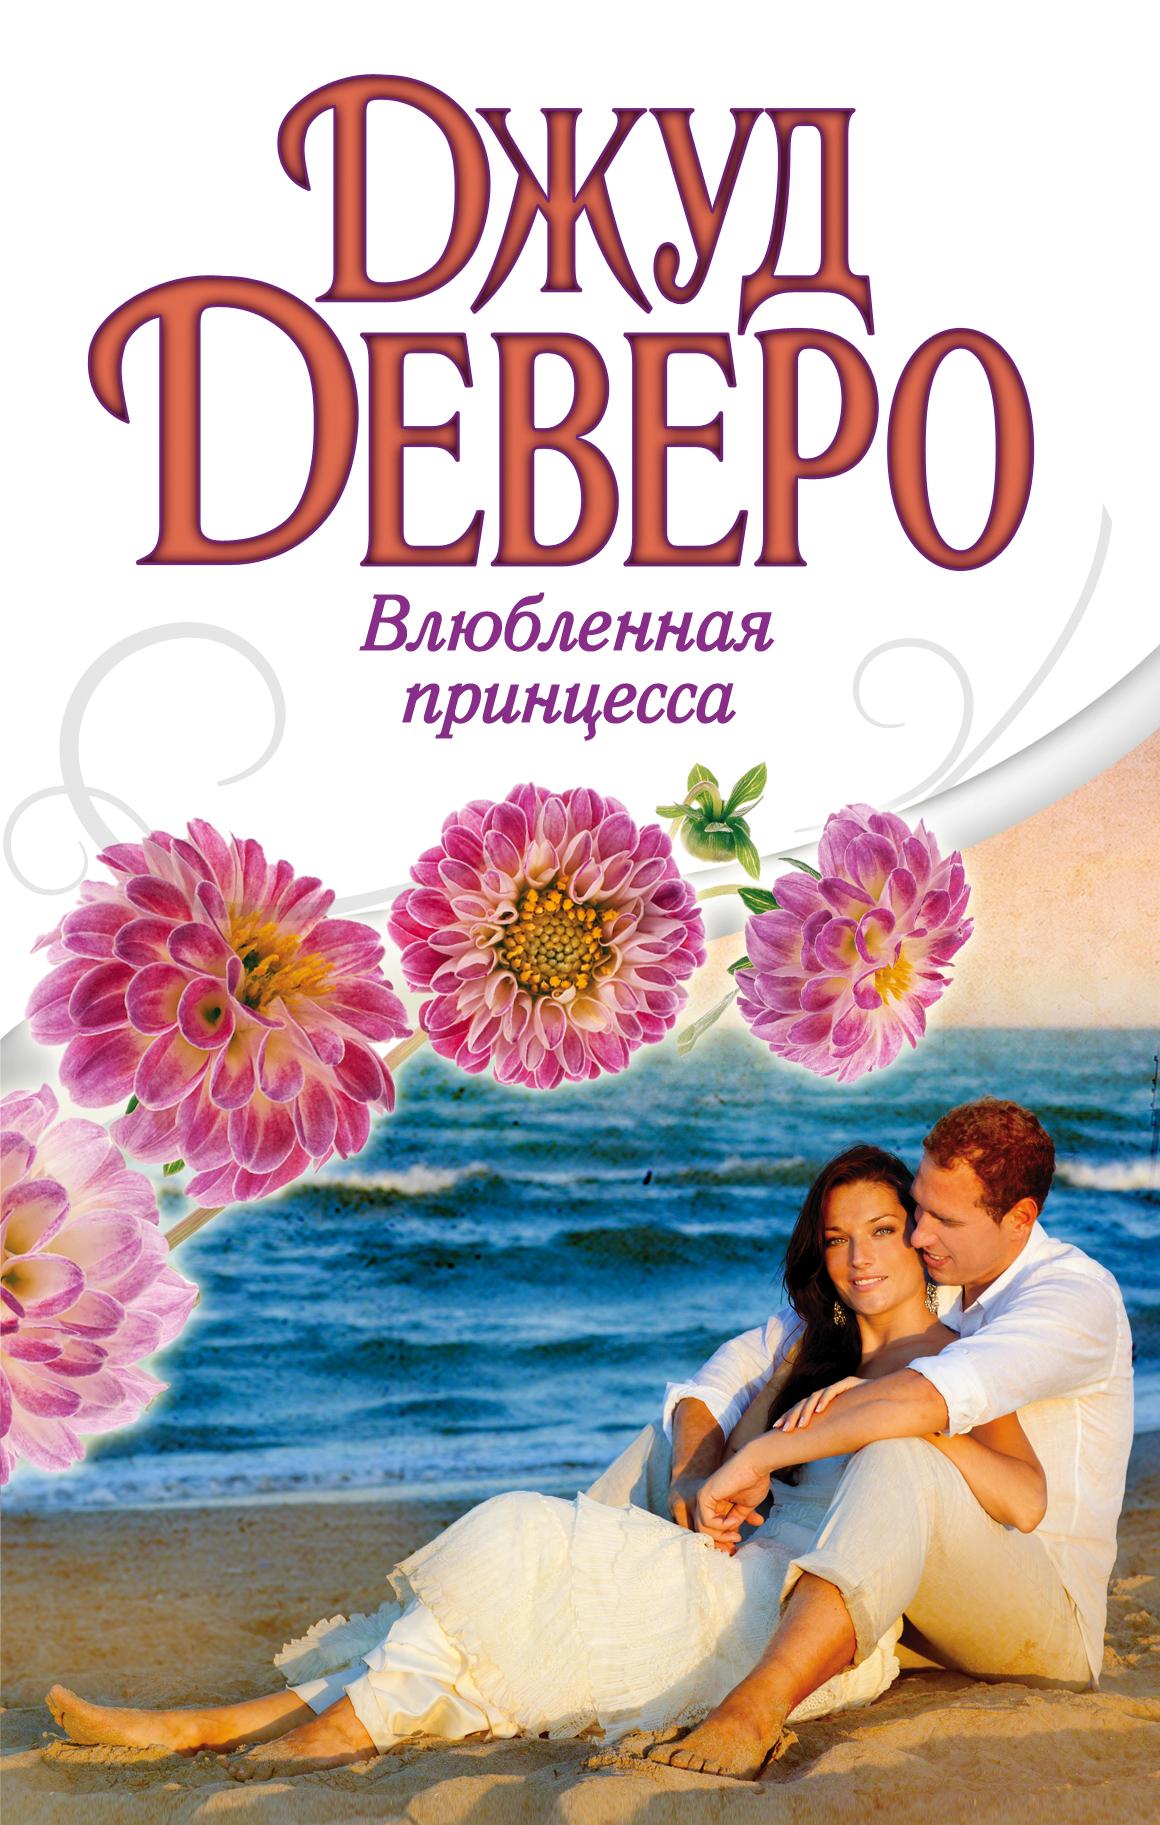 Деверо Д. Влюбленная принцесса шабалов д метро 2033 право на жизнь